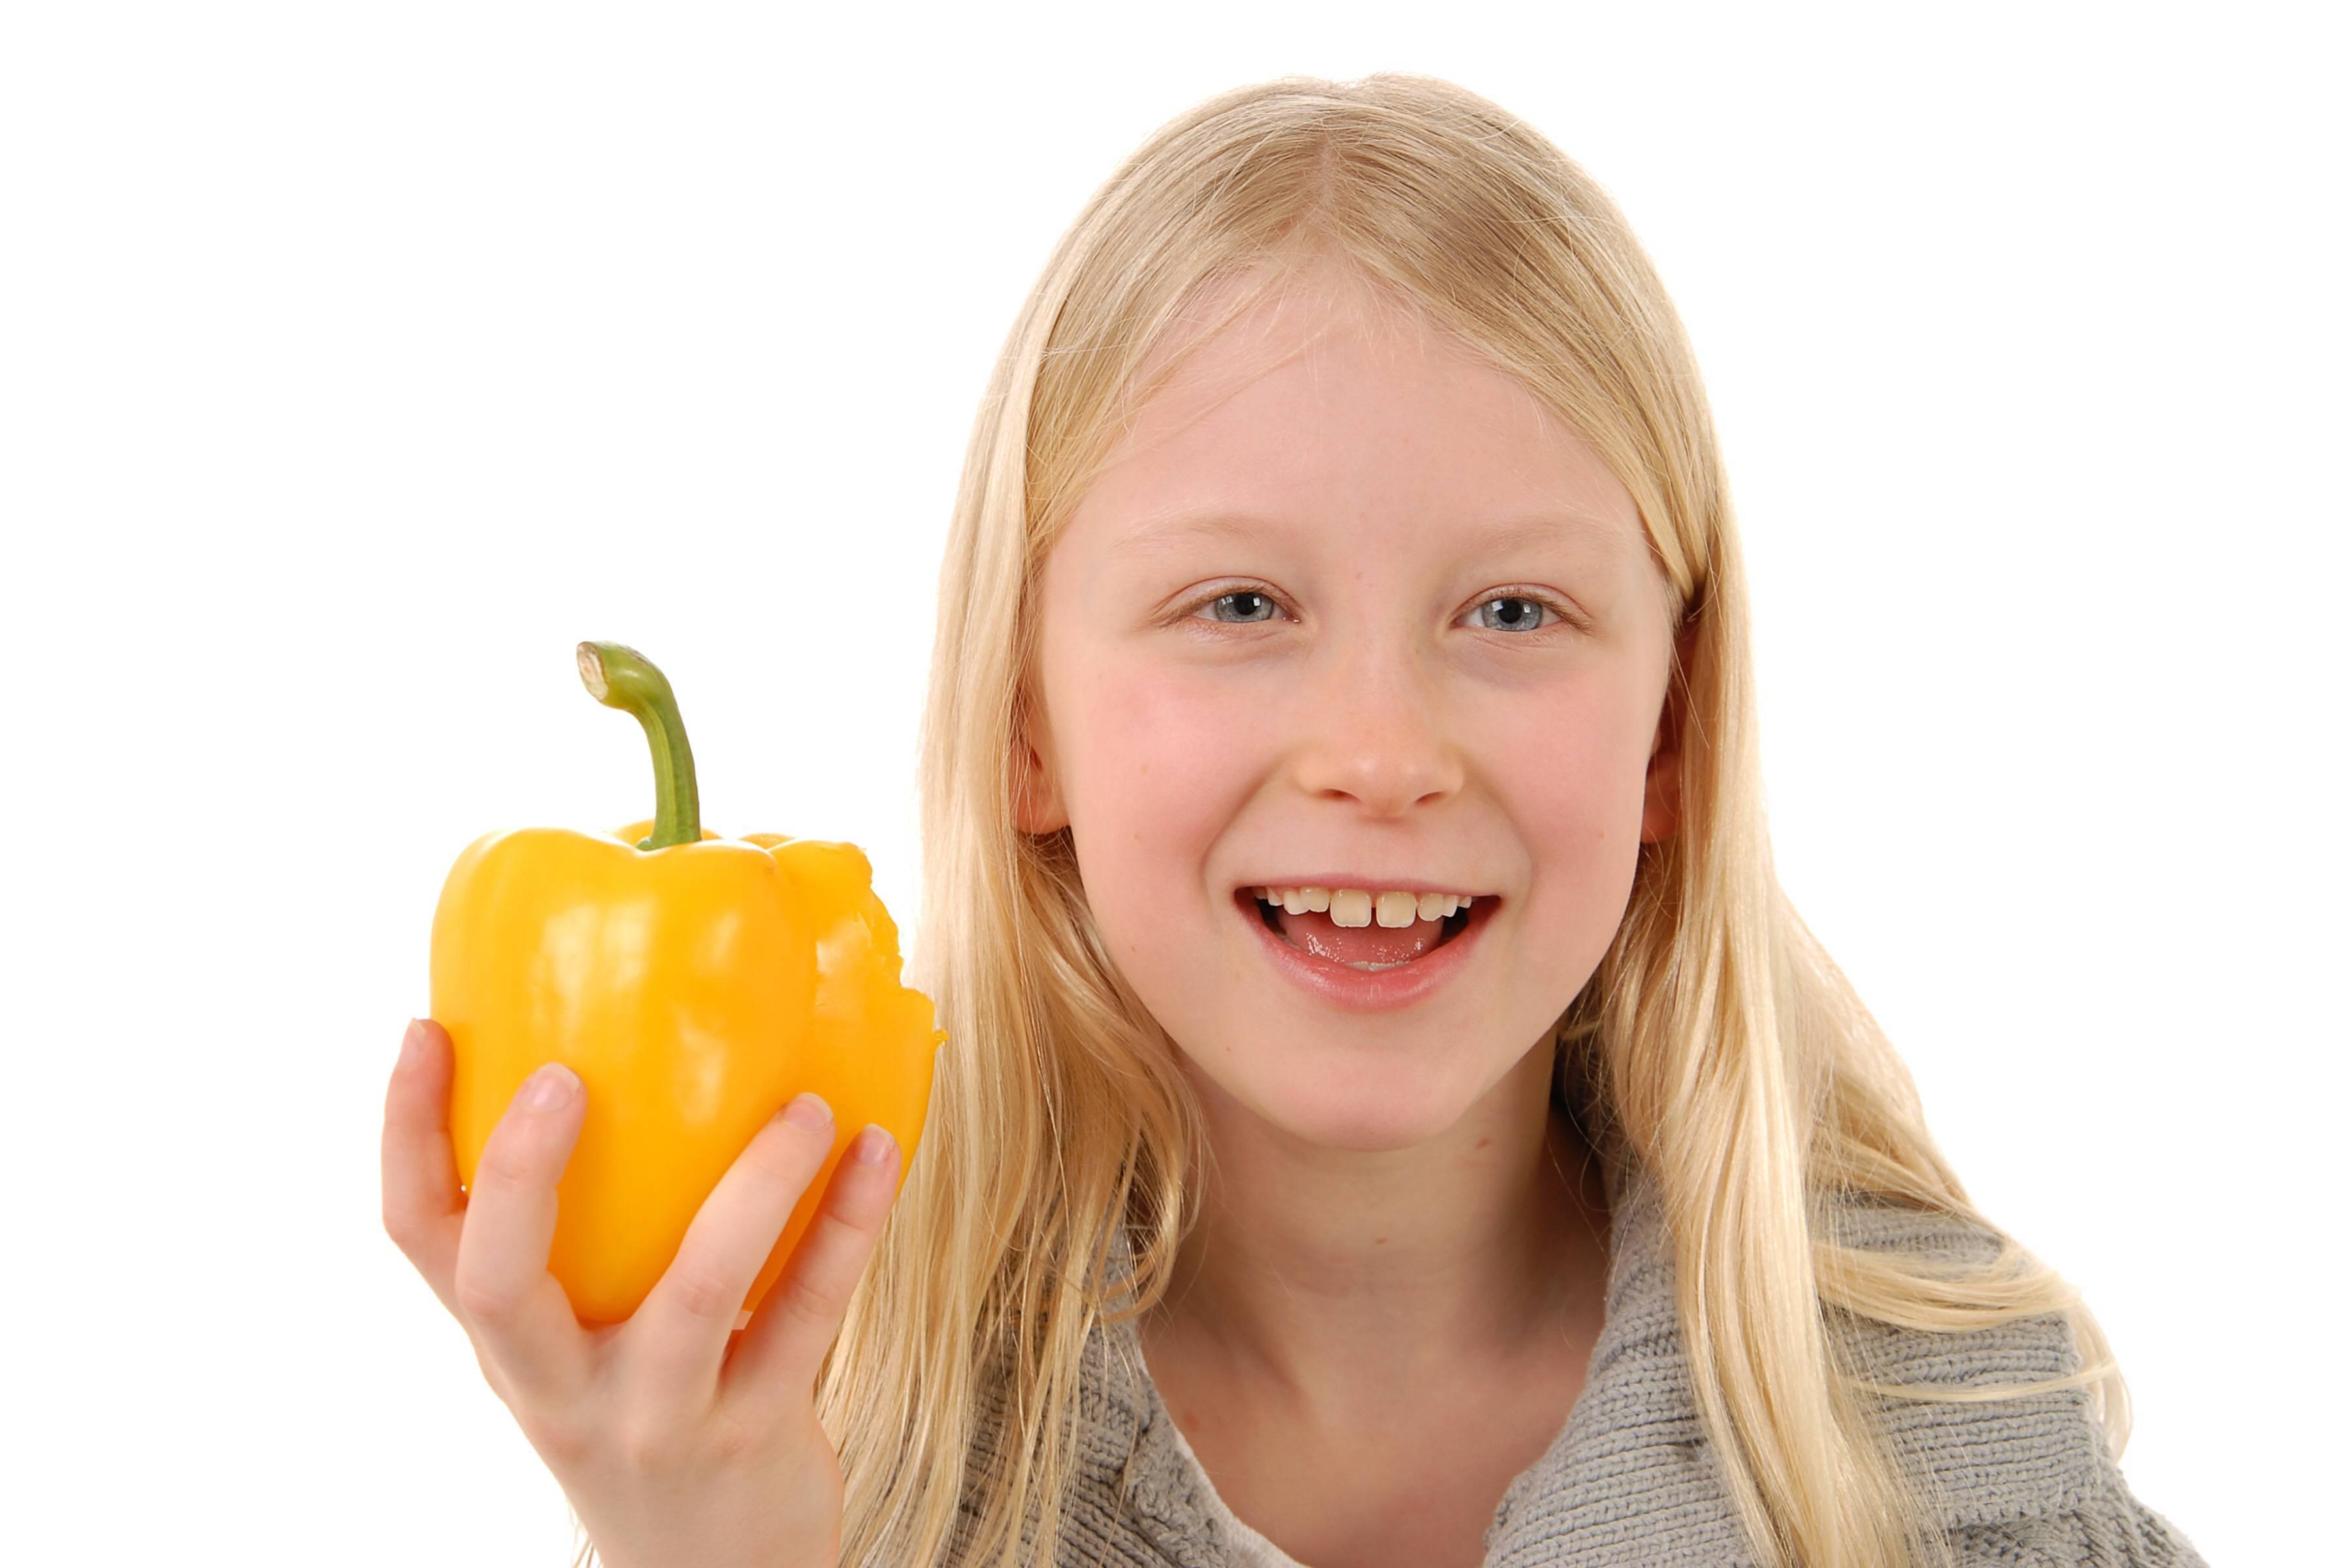 Можно ли 9 месячному ребенку вареный перец. можно ли годовалому ребенку болгарский перец. в каком виде давать болгарский перец ребенку